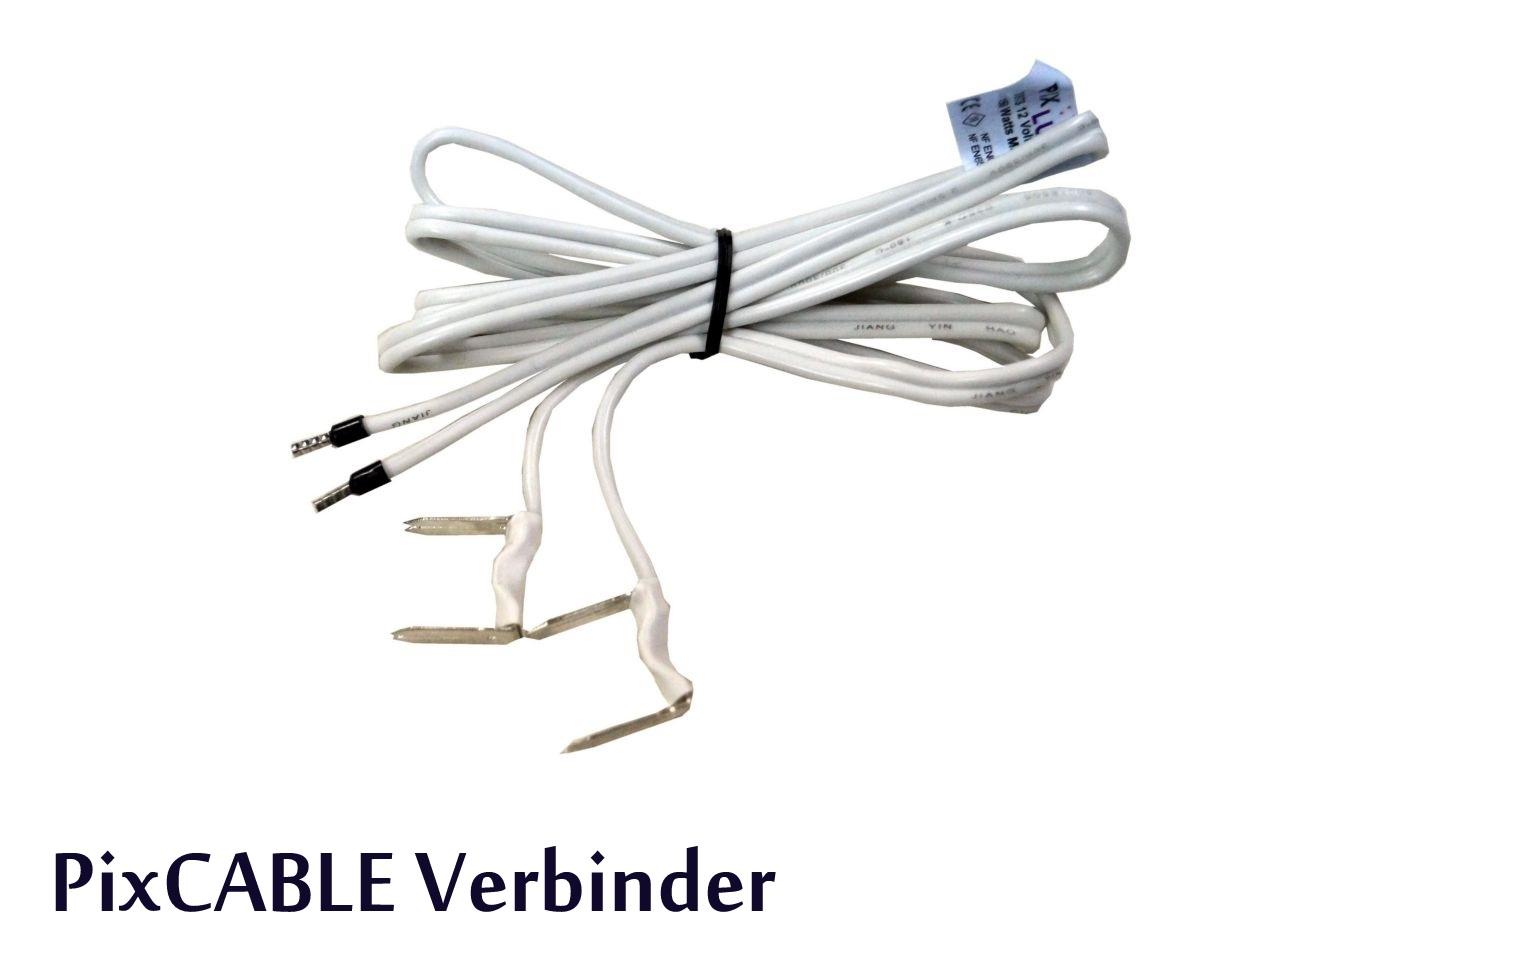 PixCABLE Verbinder